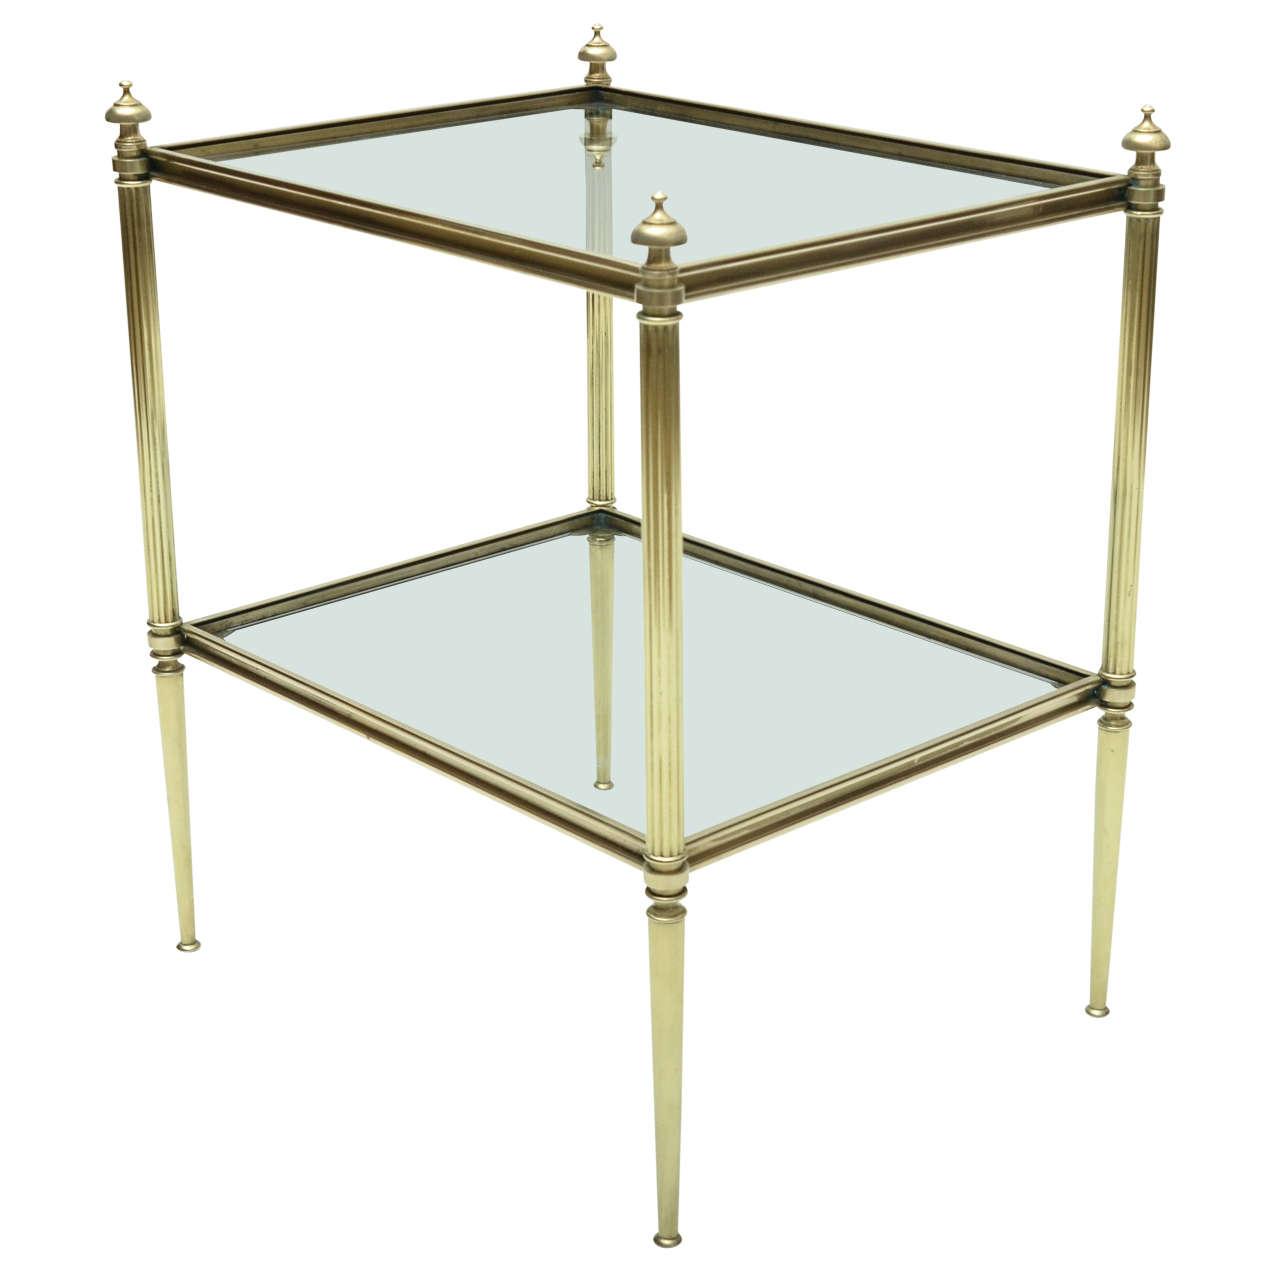 midcentury modern french maison jansen brass and glass side table  - midcentury modern french maison jansen brass and glass side table